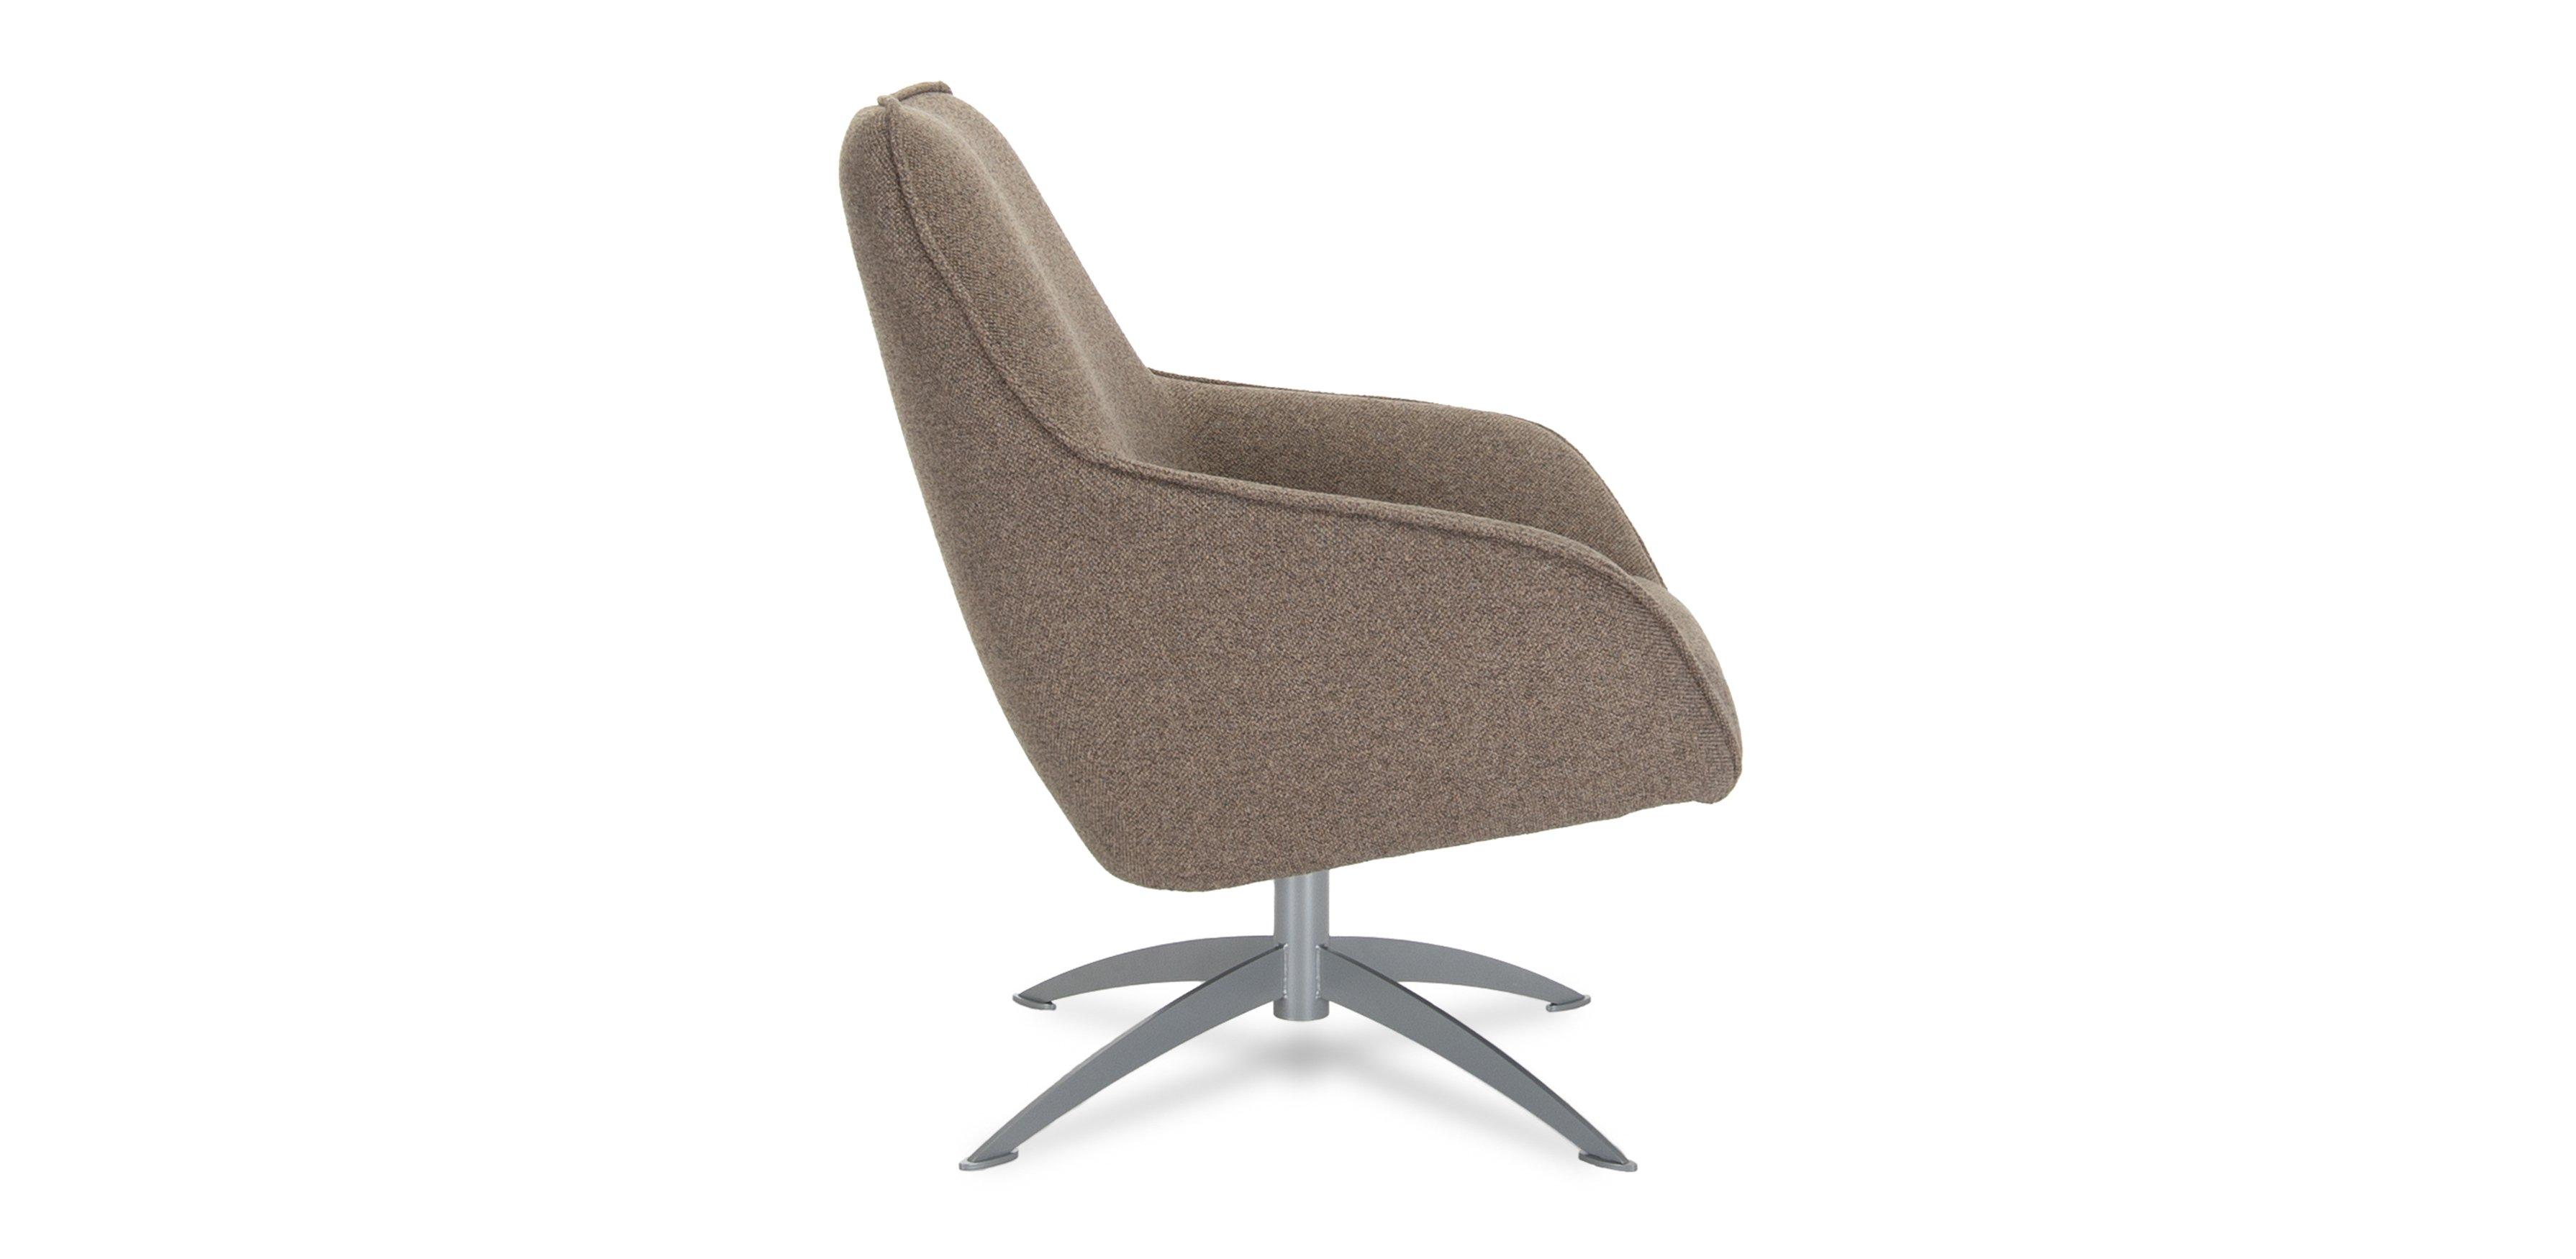 Faas fauteuil DYYK 3580x1750 4